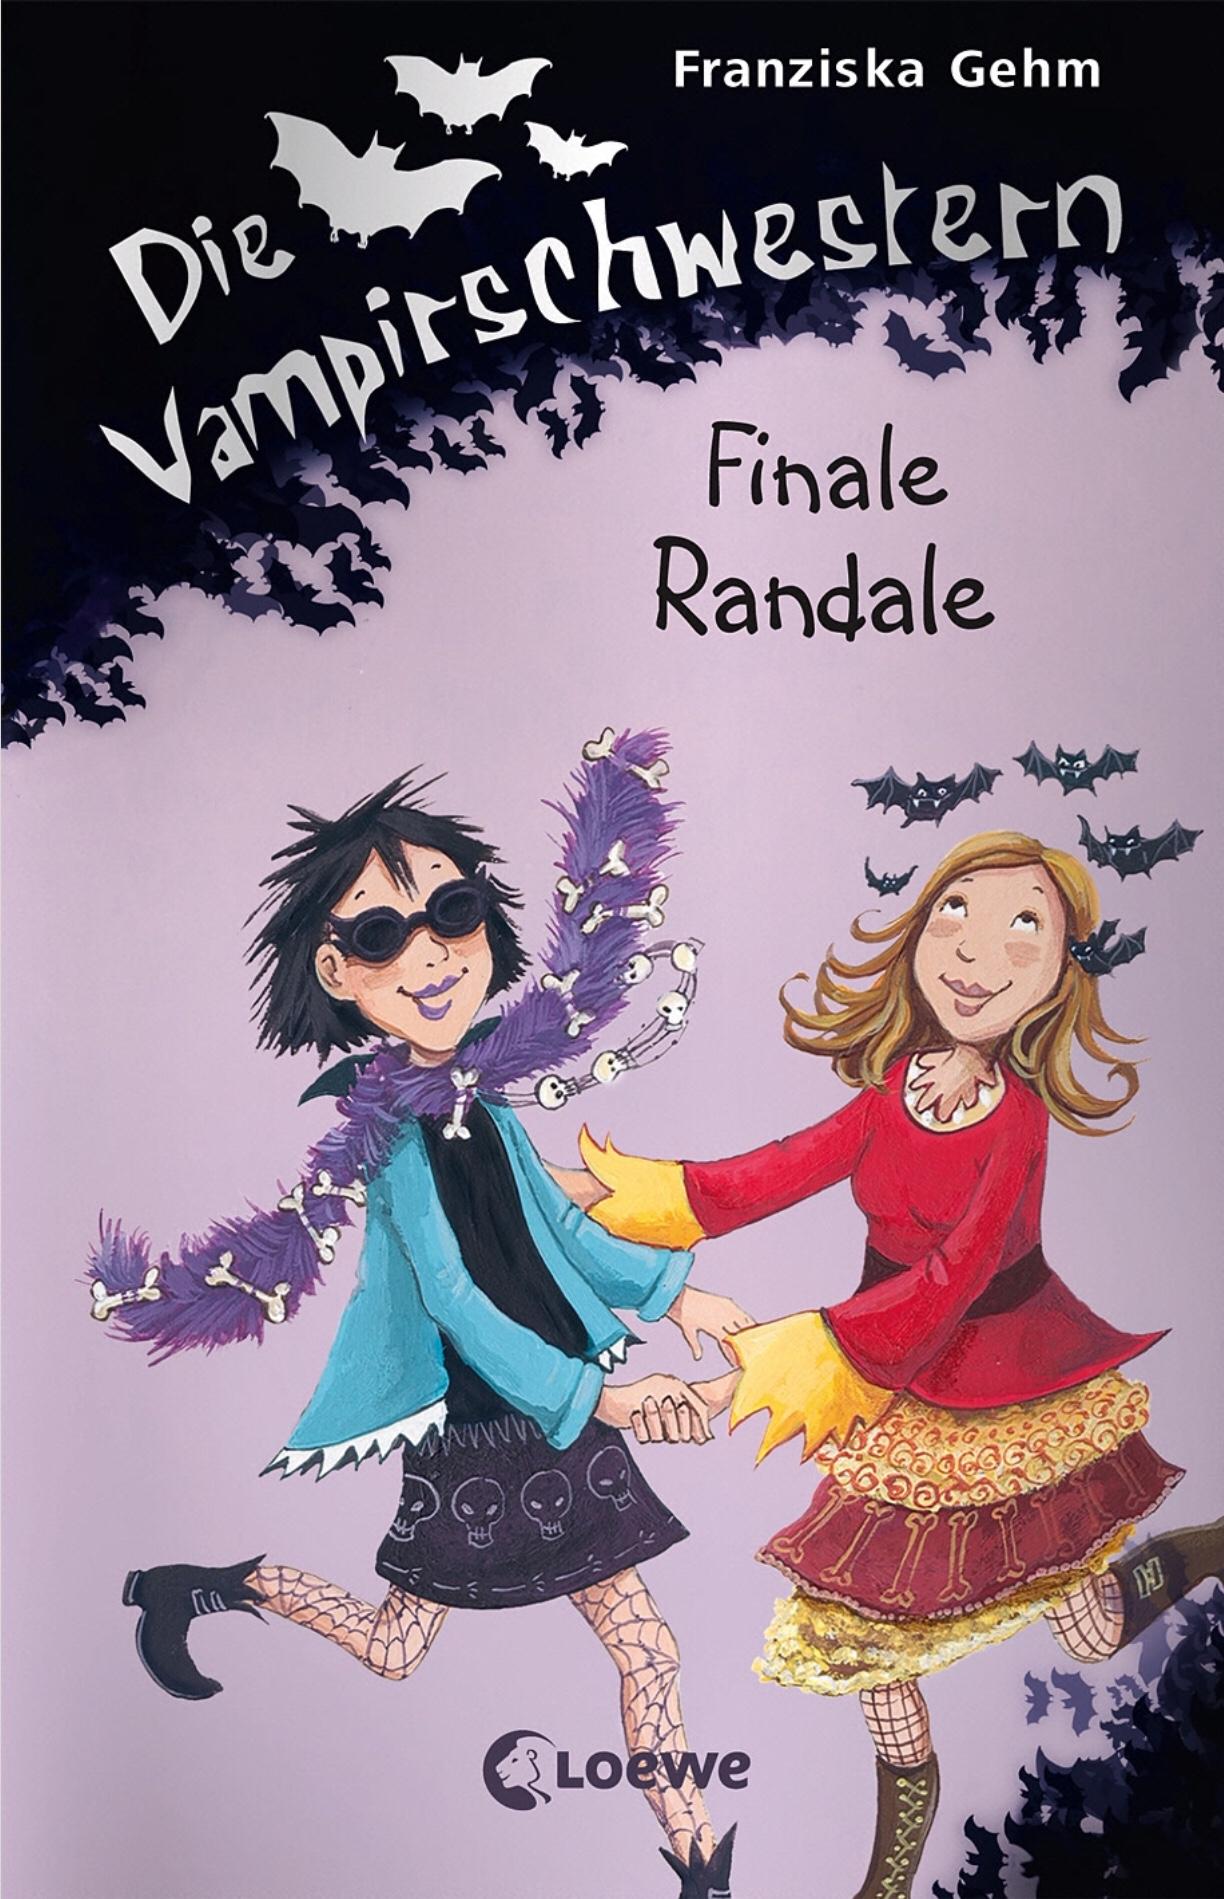 Vorgelesen: Die Vampirschwestern von Franziska Gehm